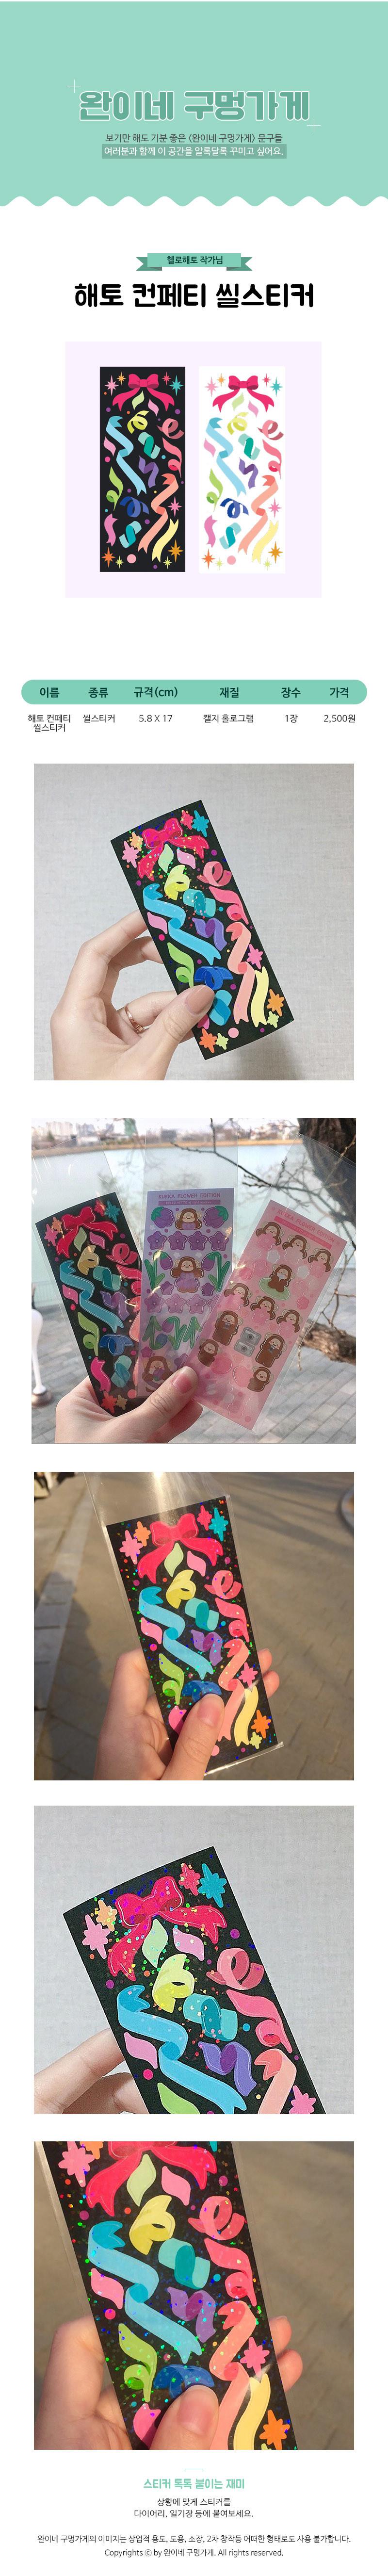 sticker790